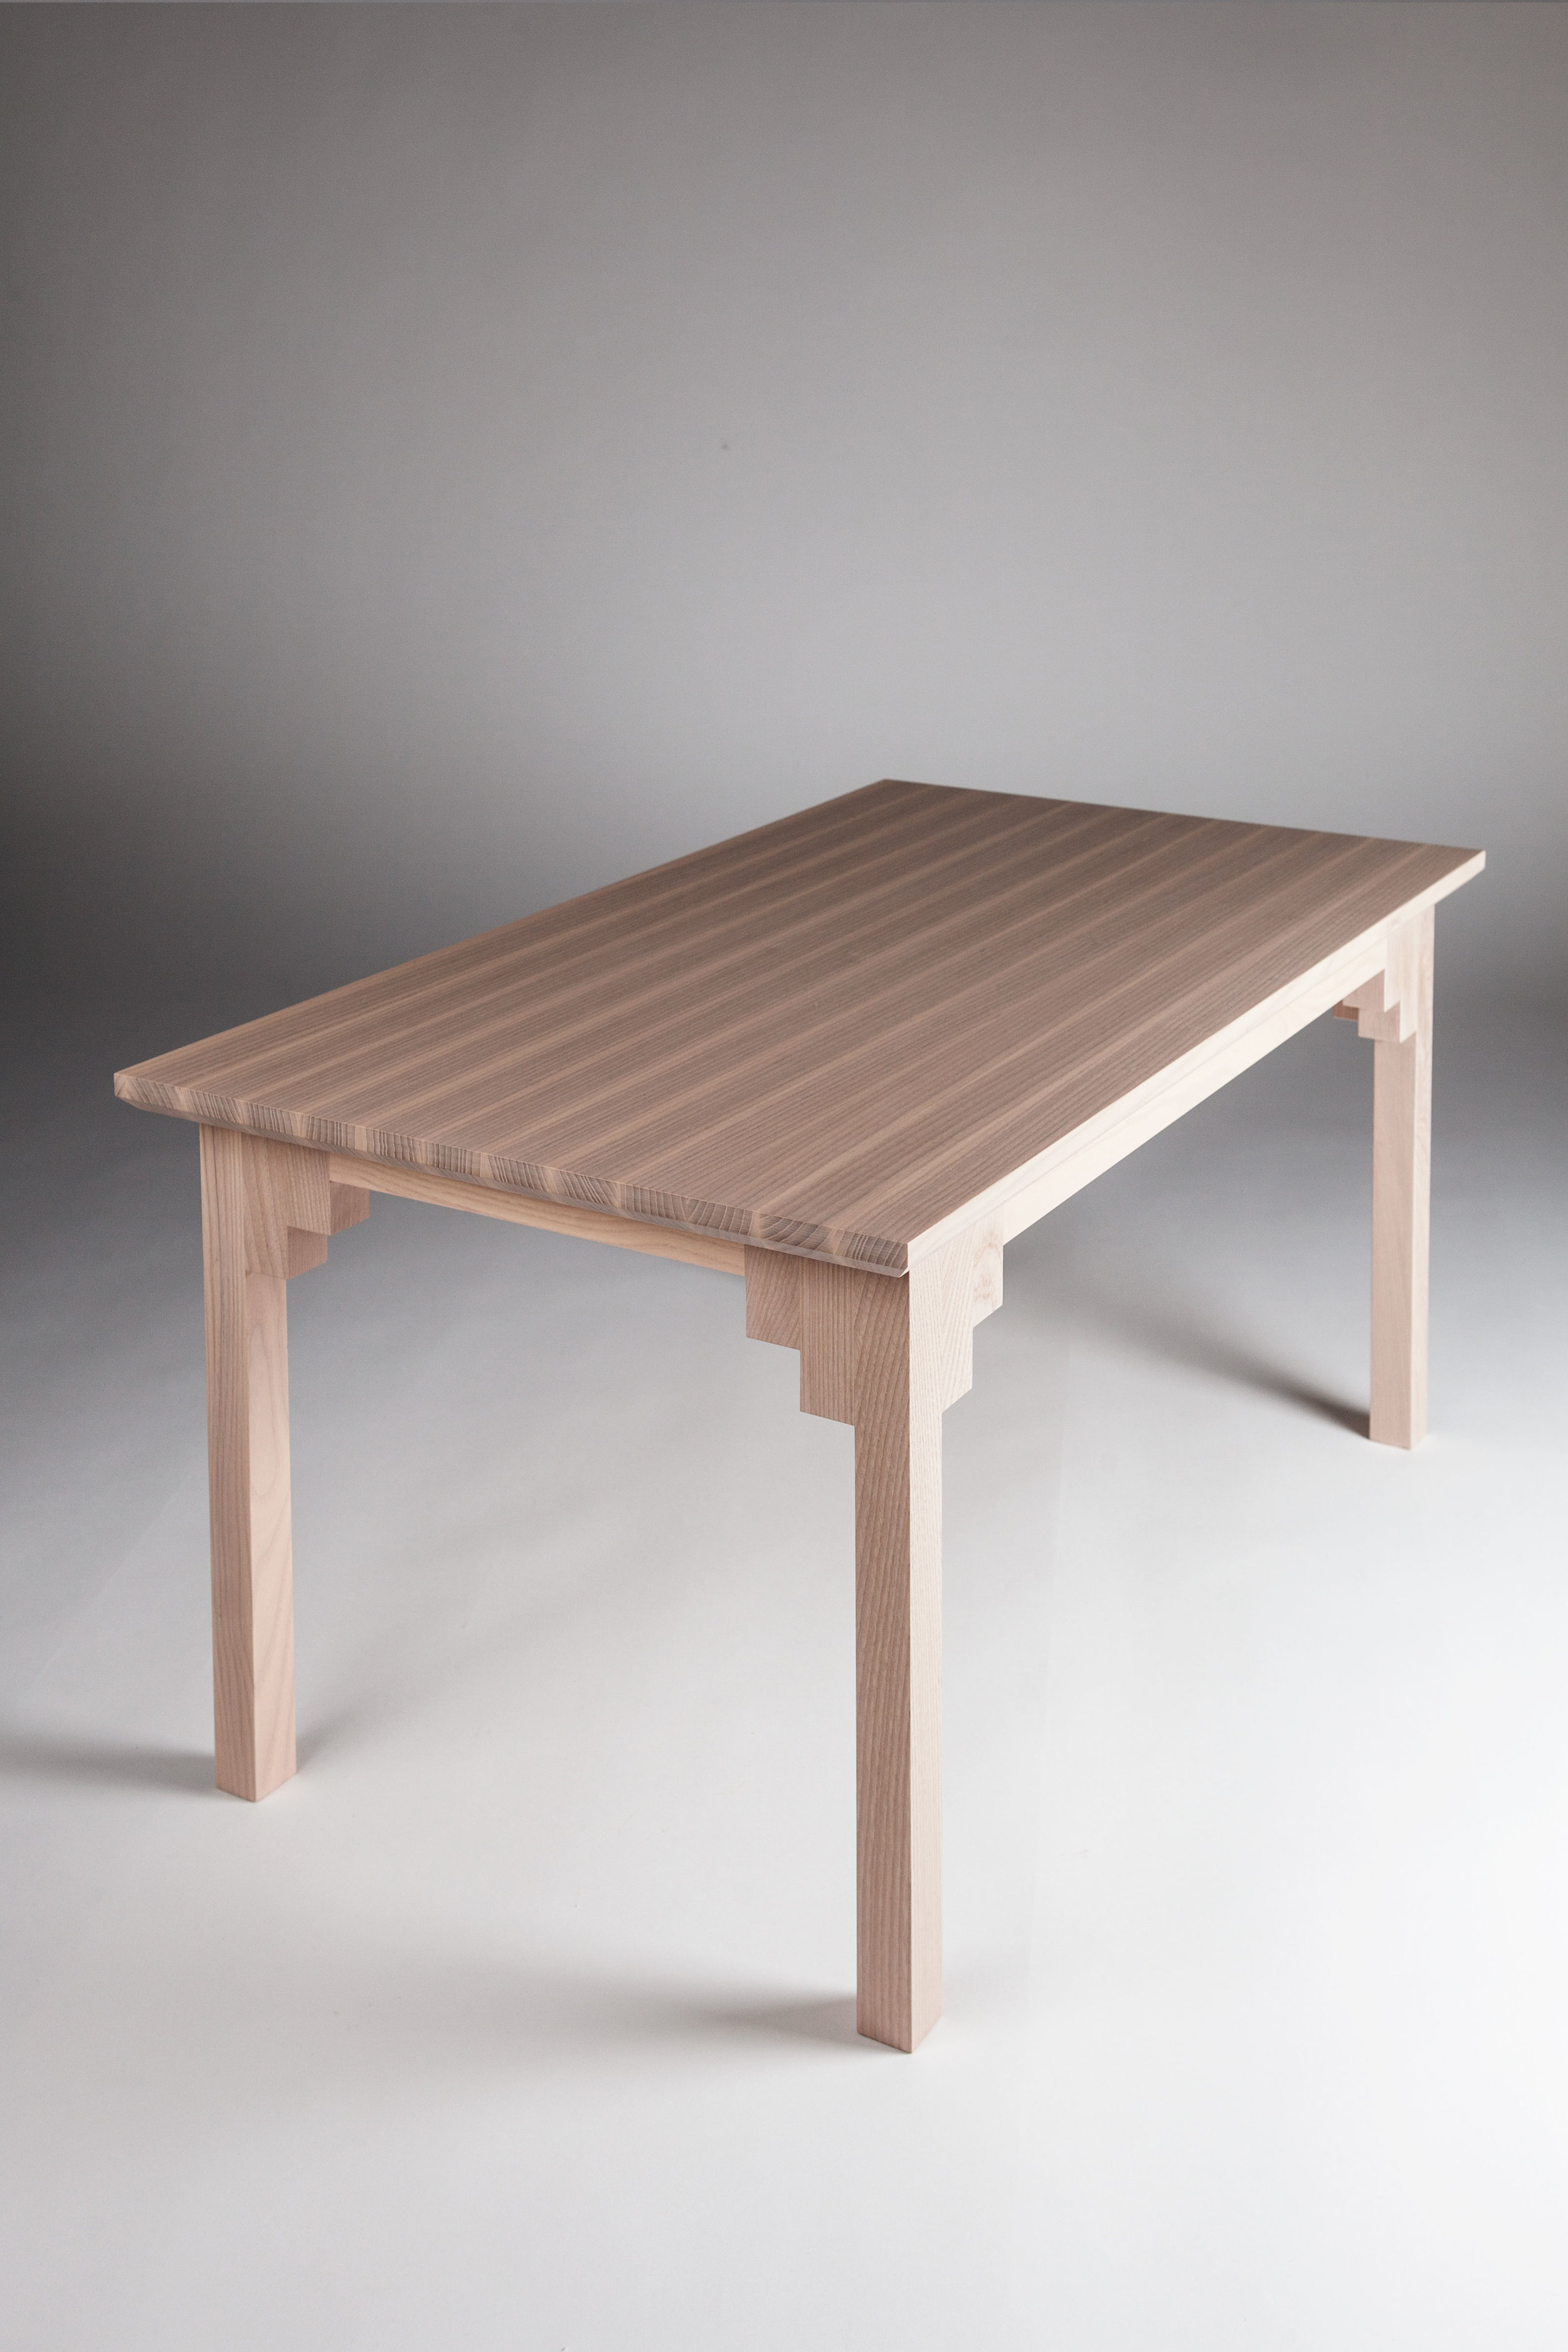 TABLE_by_PetraLilja.jpg